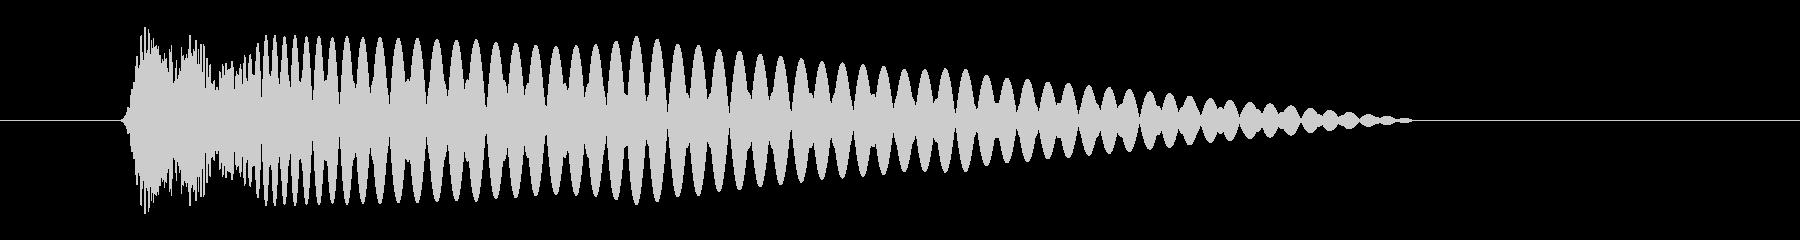 レーザー 光線 ボンッの未再生の波形